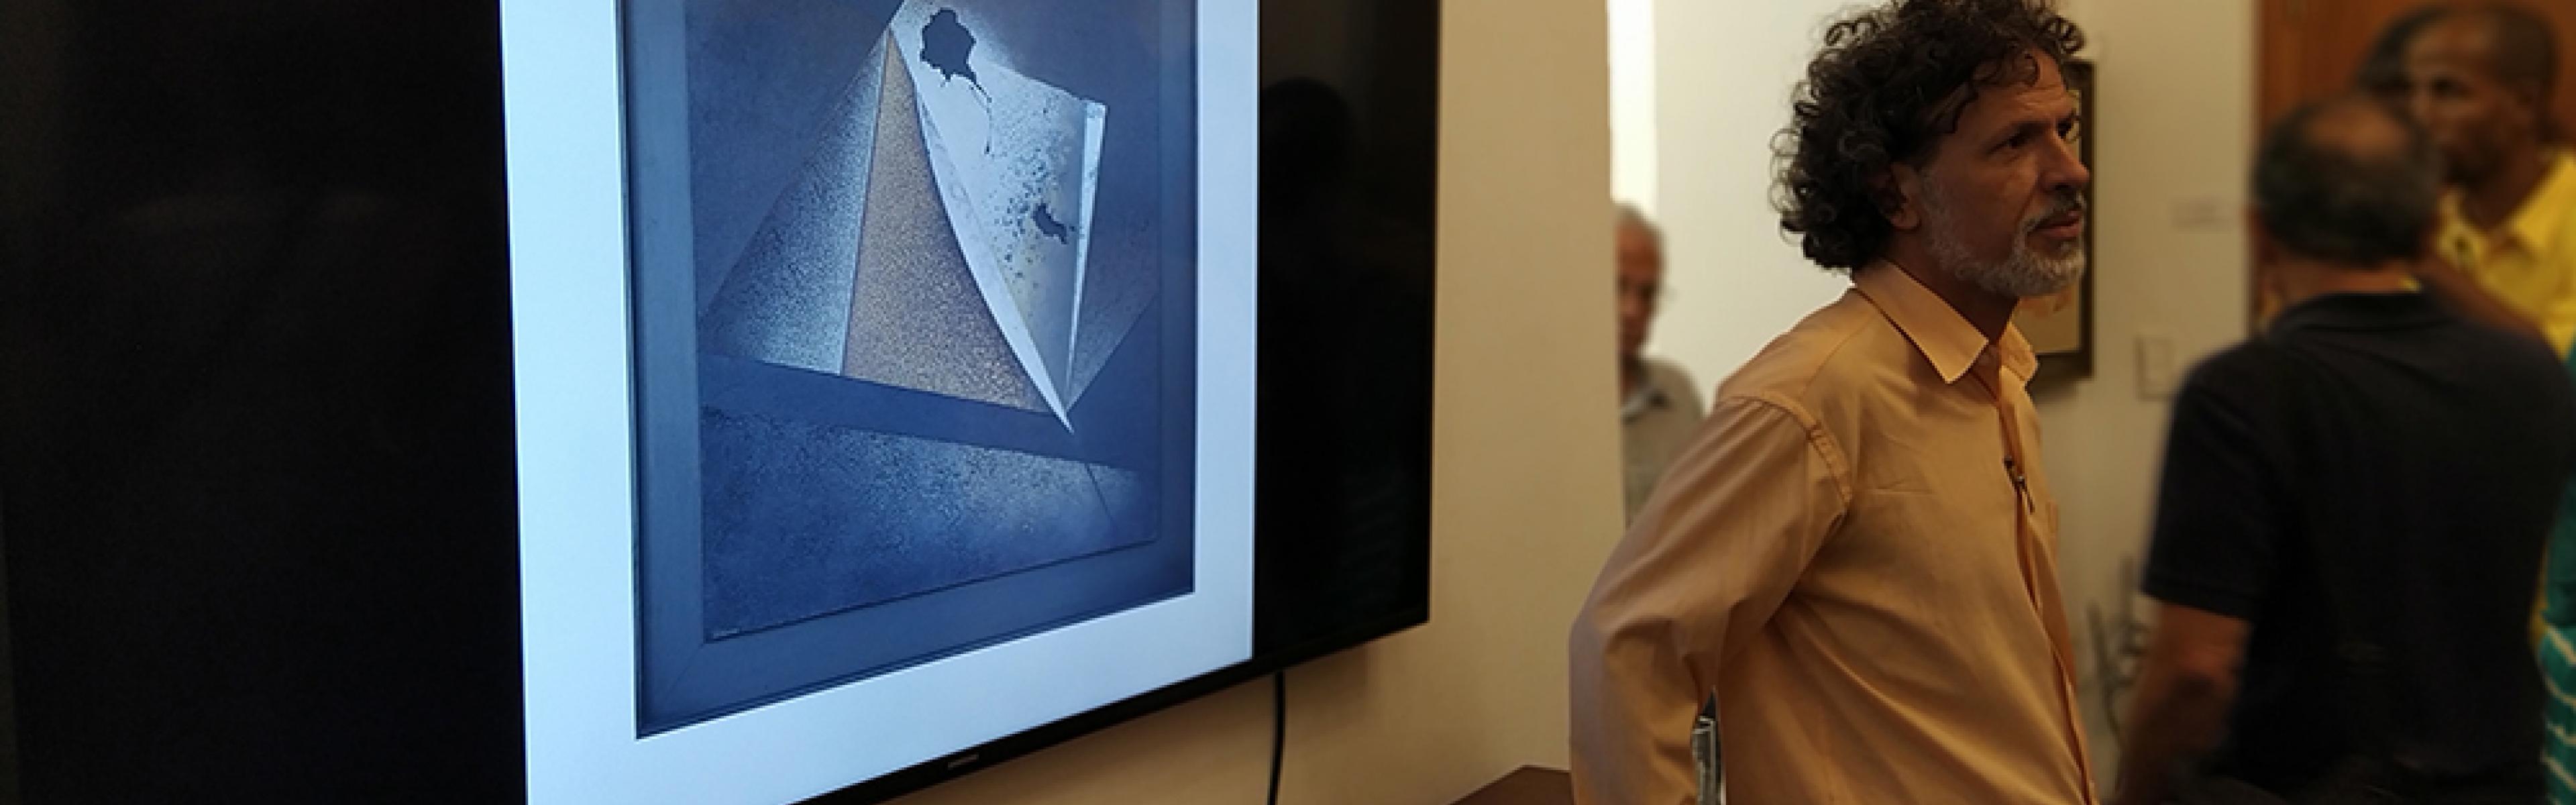 Las obras de Juan Suárez Blanco presentes en diversos formatos en Máxima Estudio-Taller